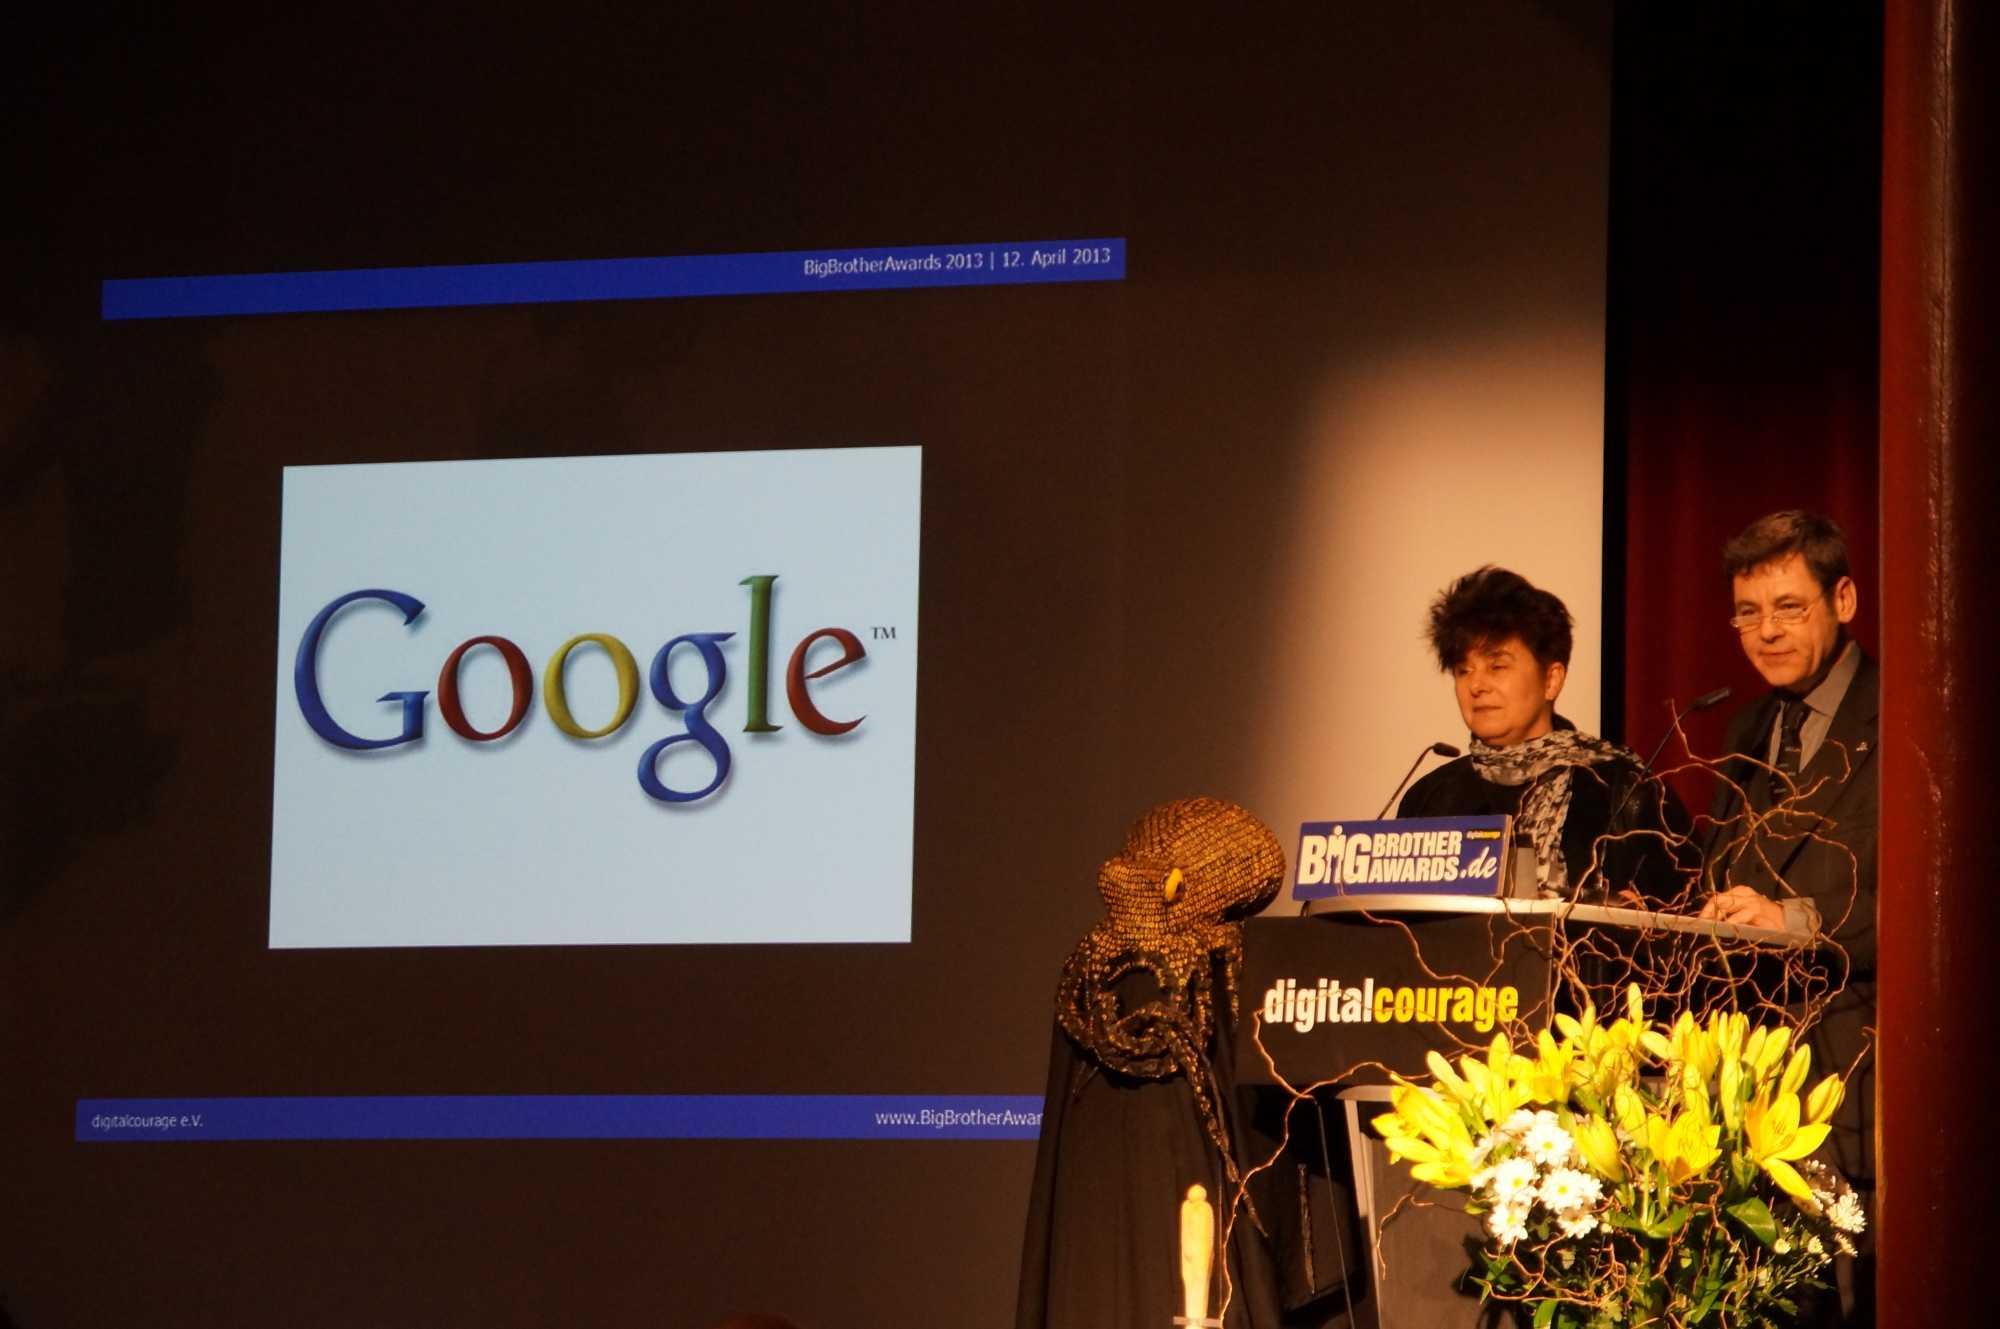 Rena Tangens und padeluun halten die Laudatio bei der Verleihung des Big Brother Award für Google